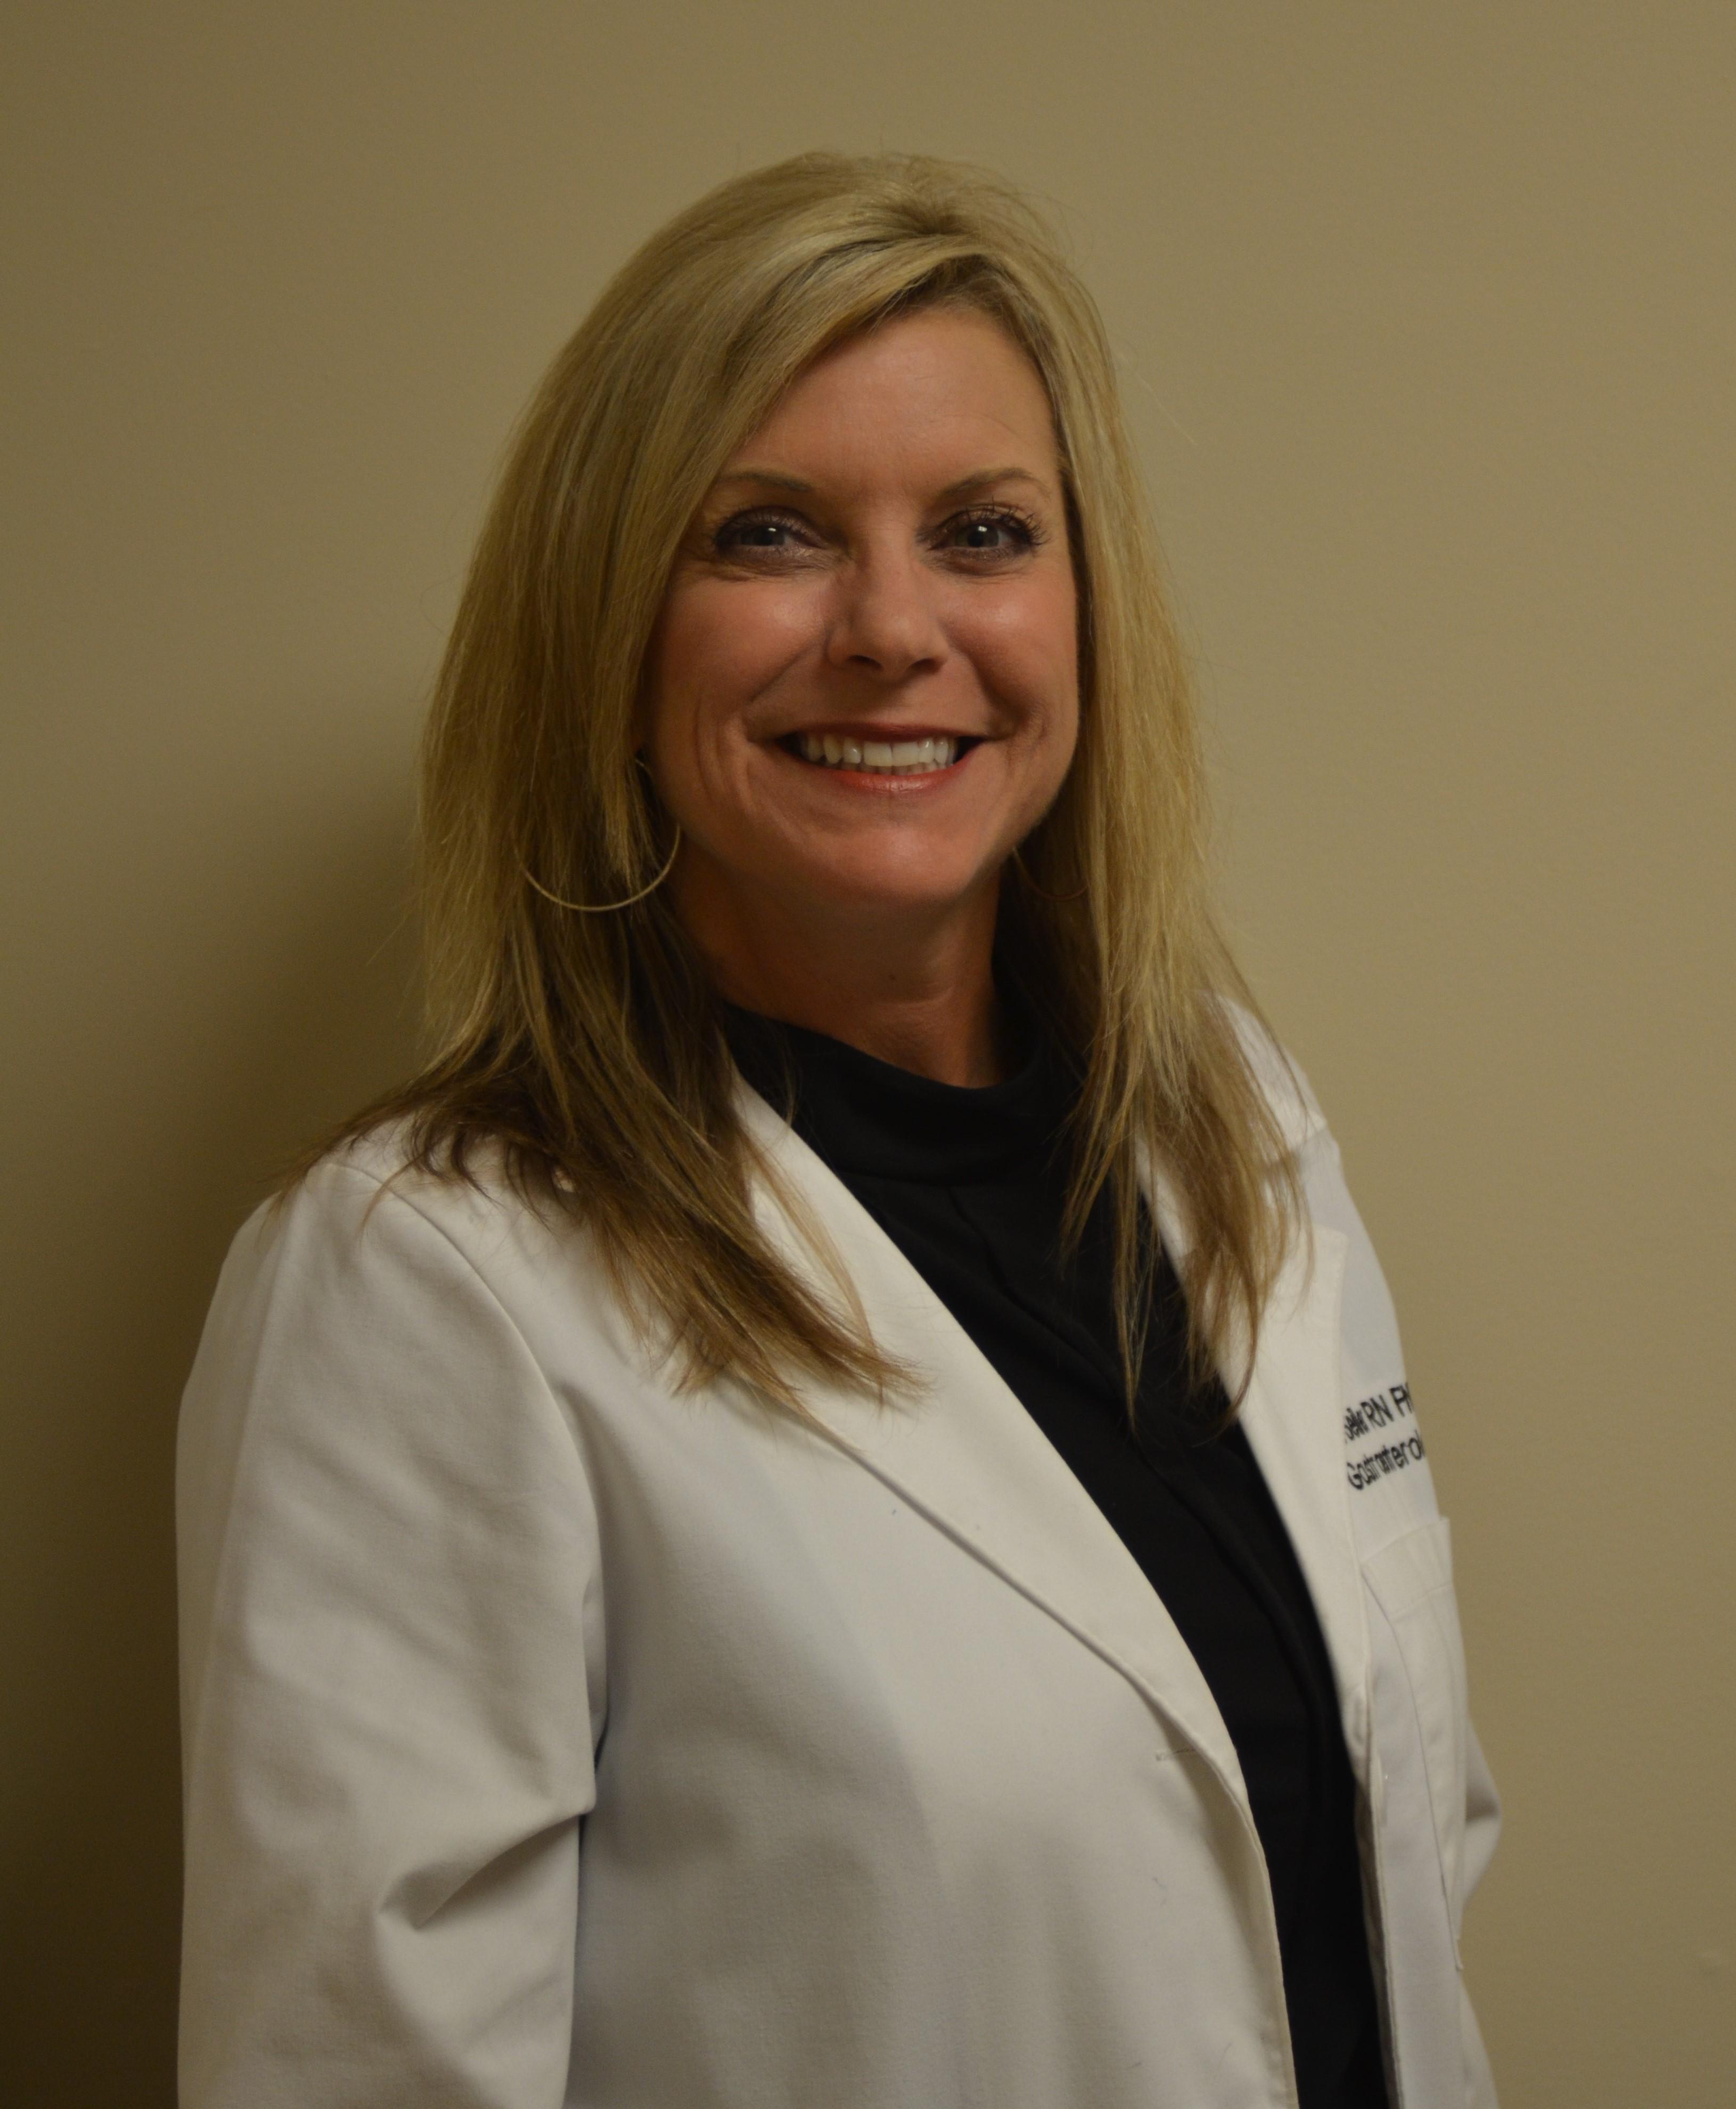 Nurse Practitioner Jan Seiler